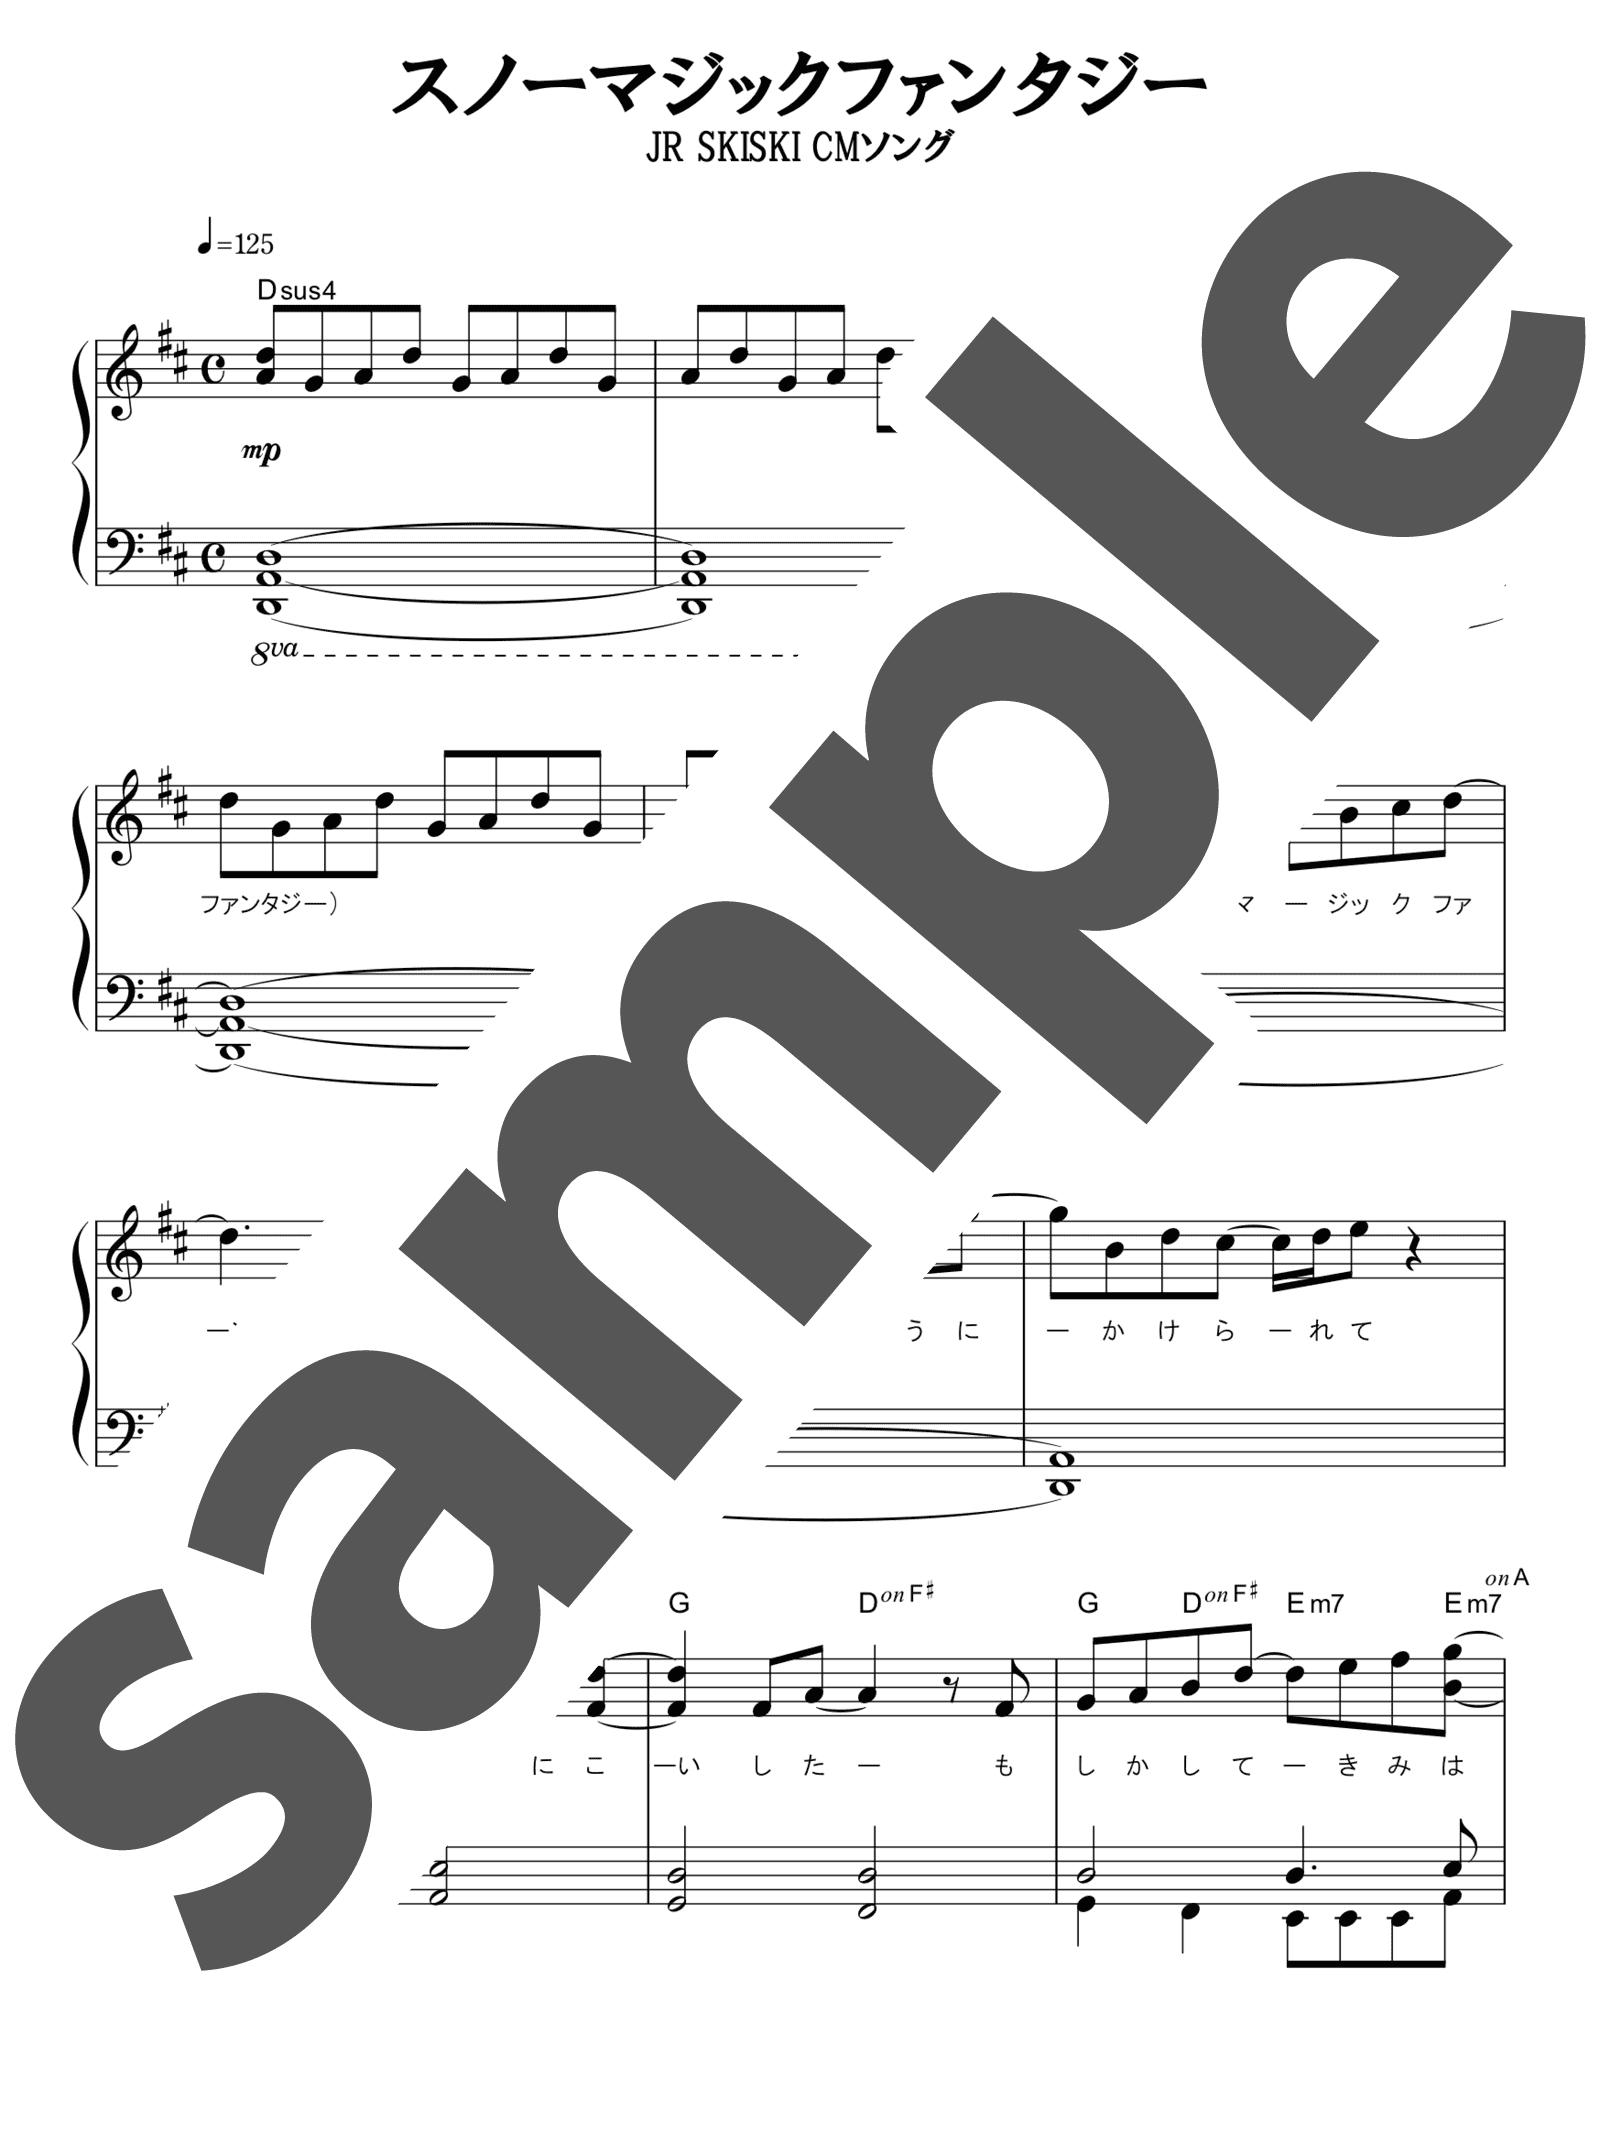 「スノーマジックファンタジー」のサンプル楽譜